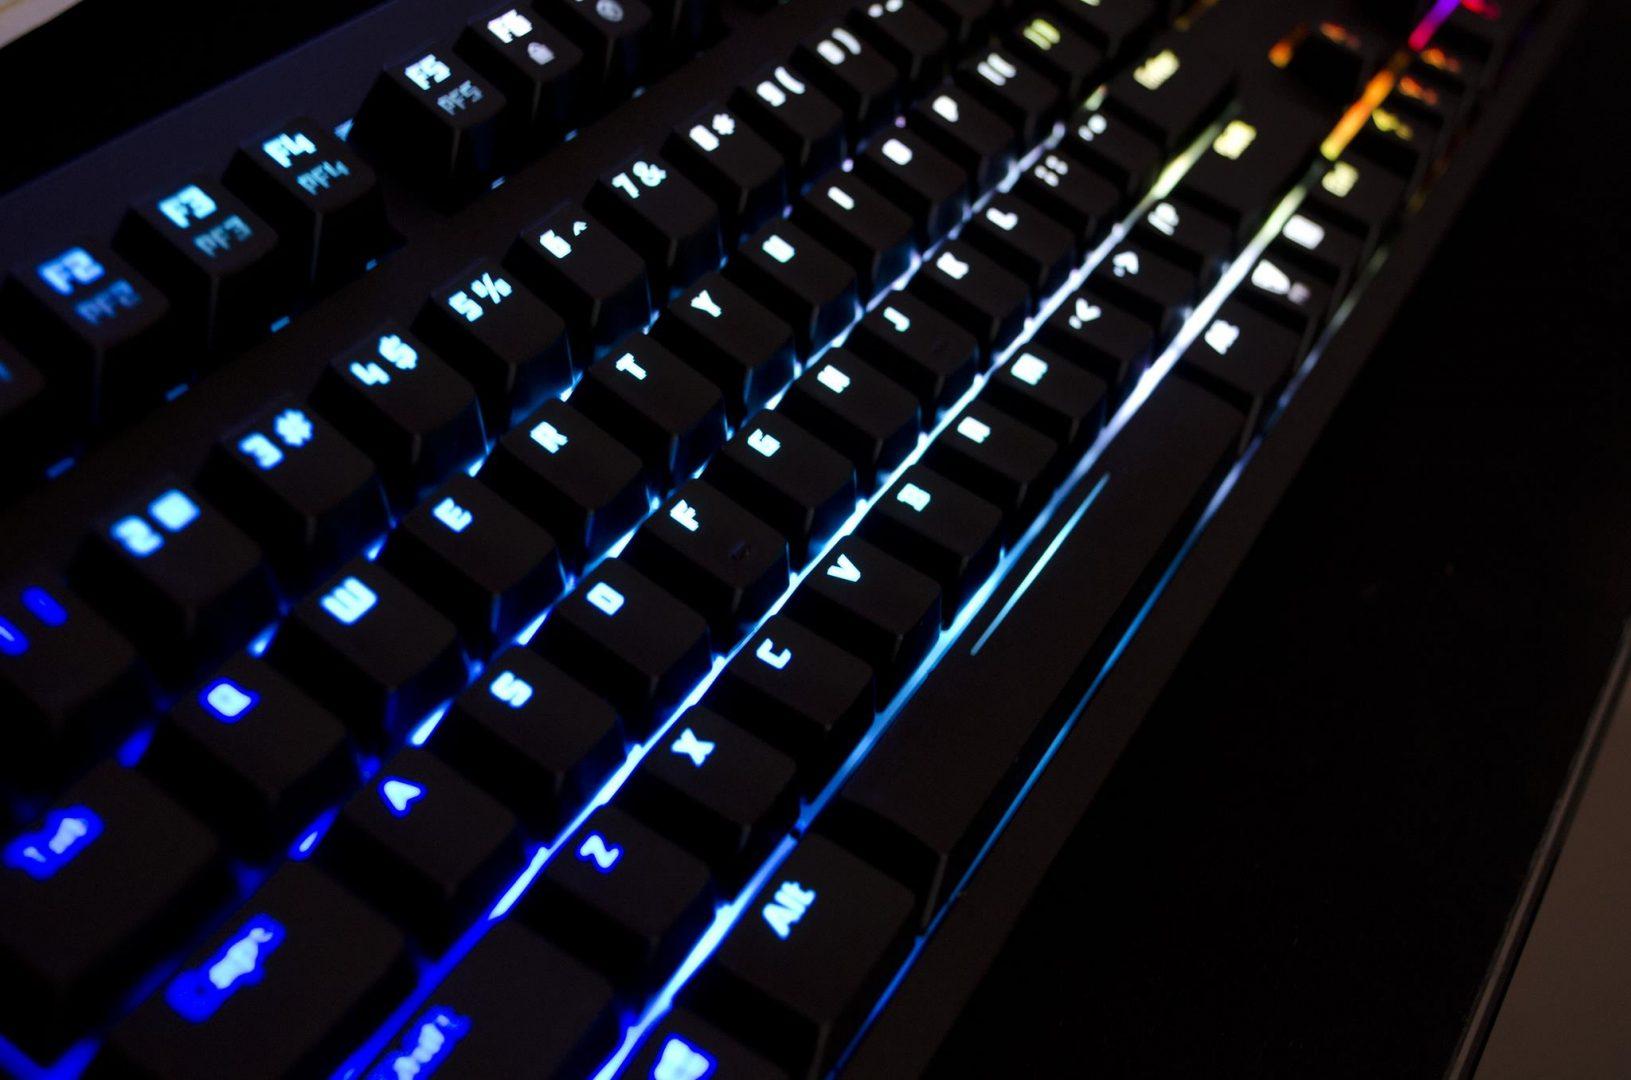 tesoro ecalibur spectrum mechanical gaming keyboard review_13